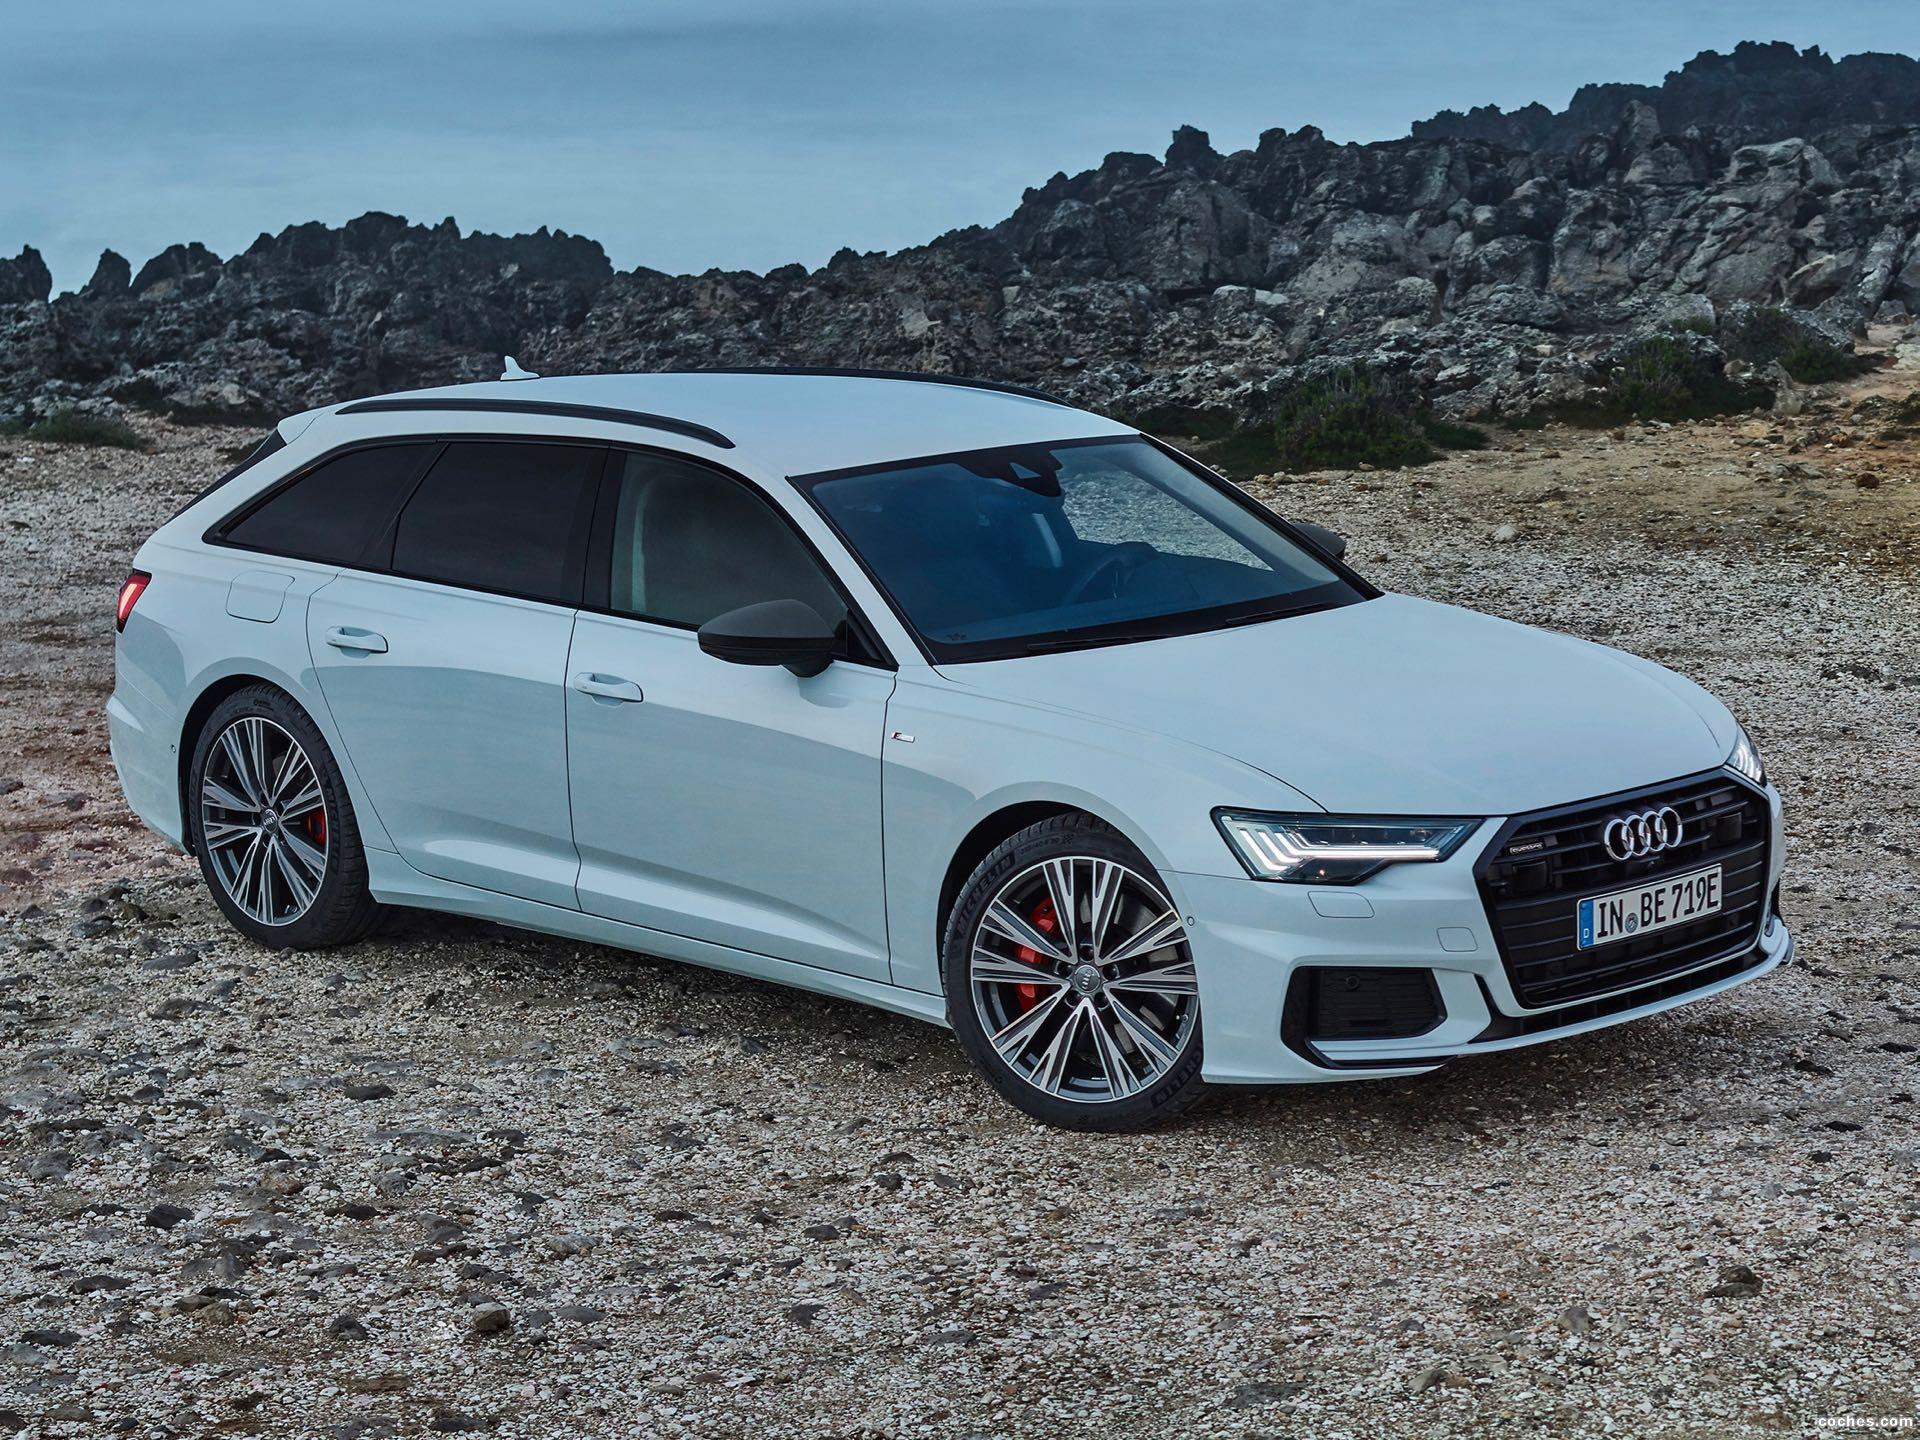 Foto 10 de Audi A6 Avant 55 TFSI e quattro 2020